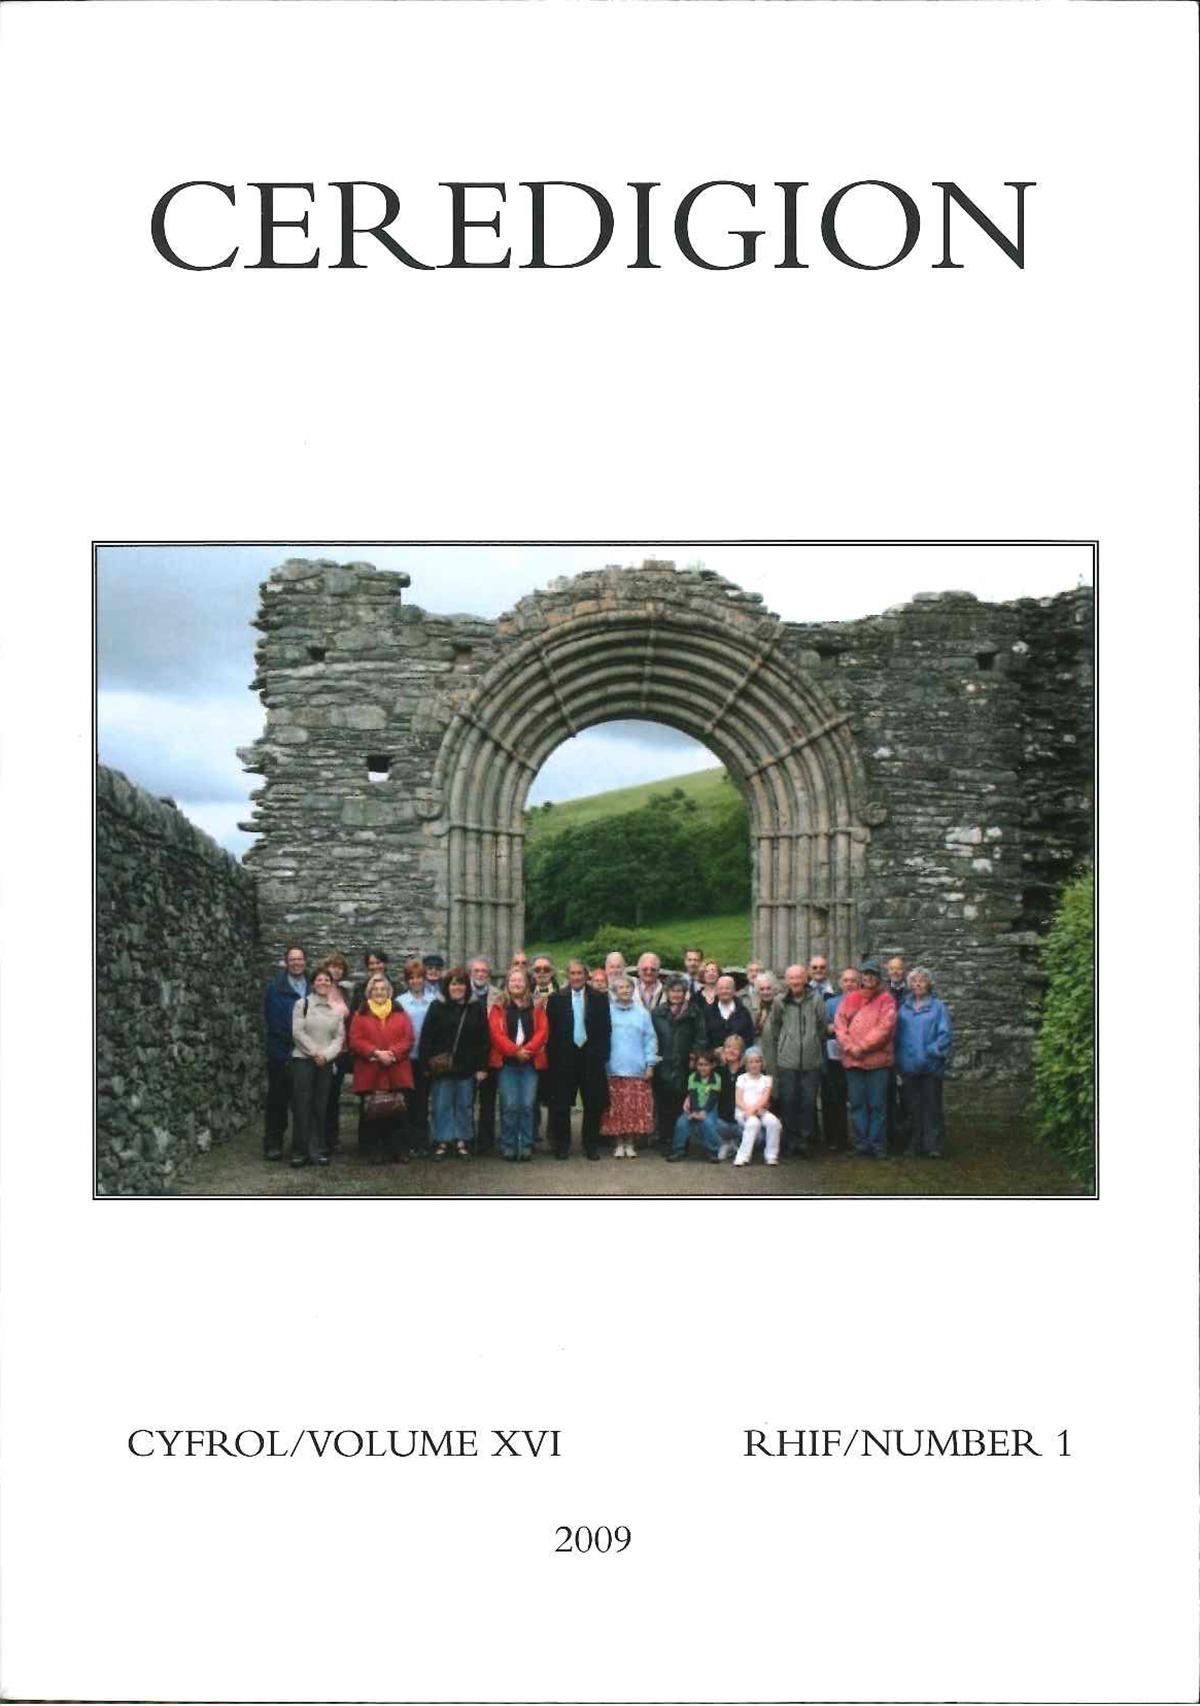 Ceredigion Journal of the Ceredigion Historical Society Vol XVI, No I 2009 - ISBN 0069 2263